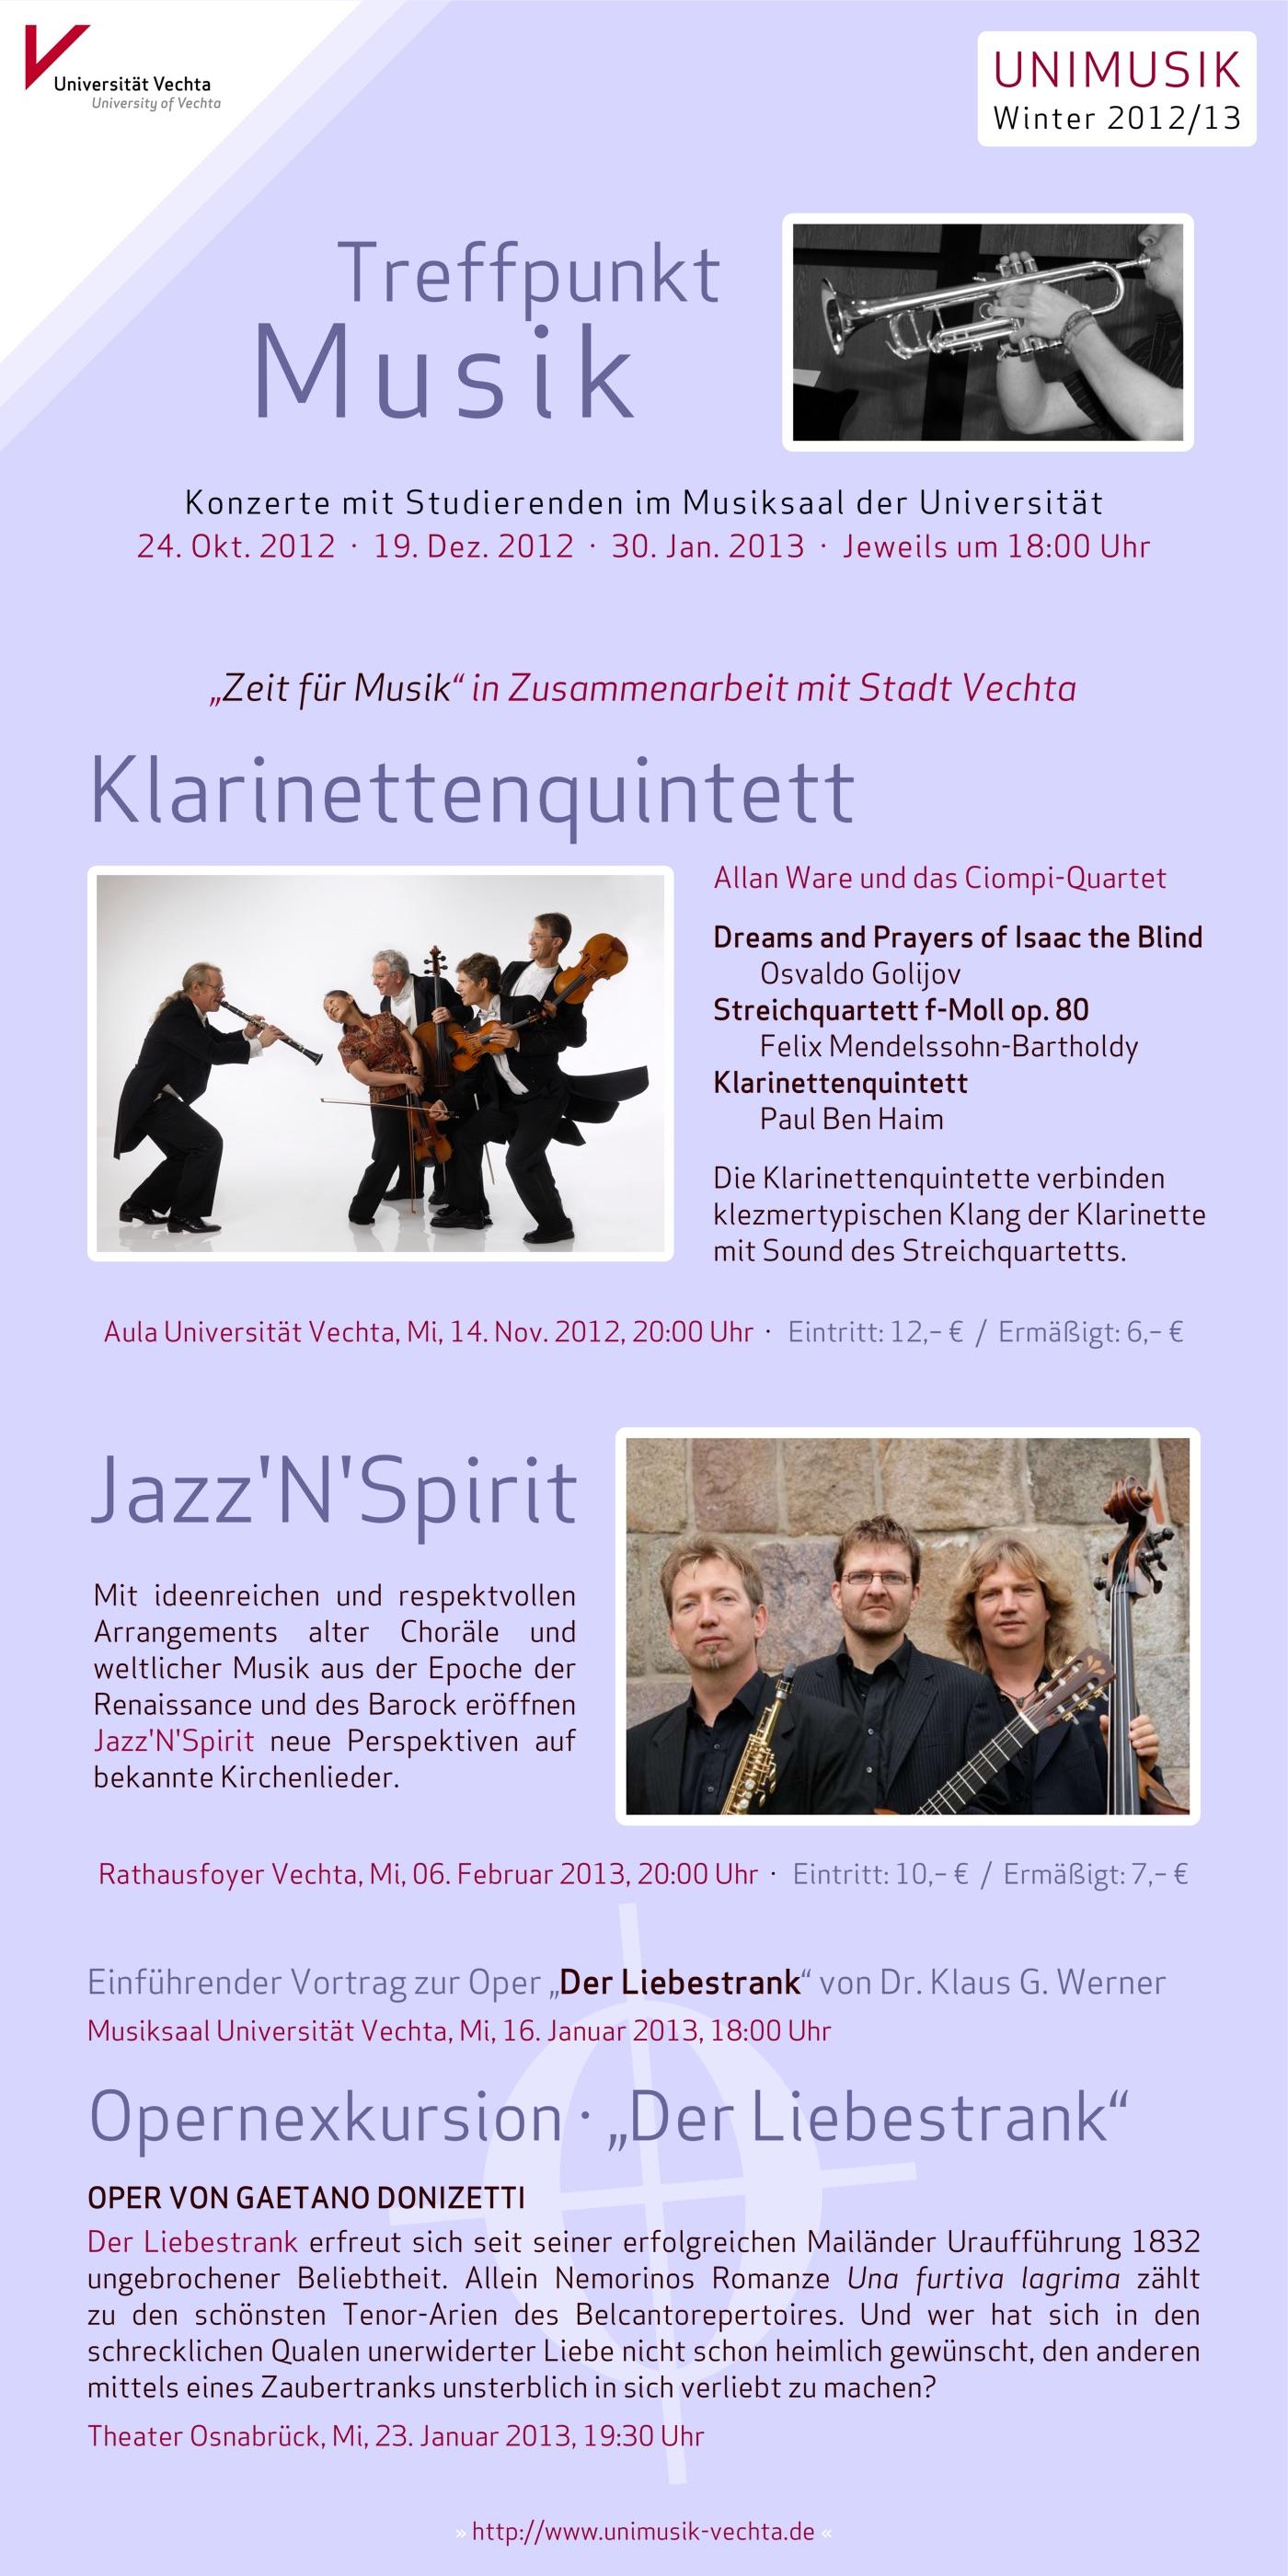 Flyer (Vorderseite) und Plakat · UNIMUSIK · Winter 2012/13